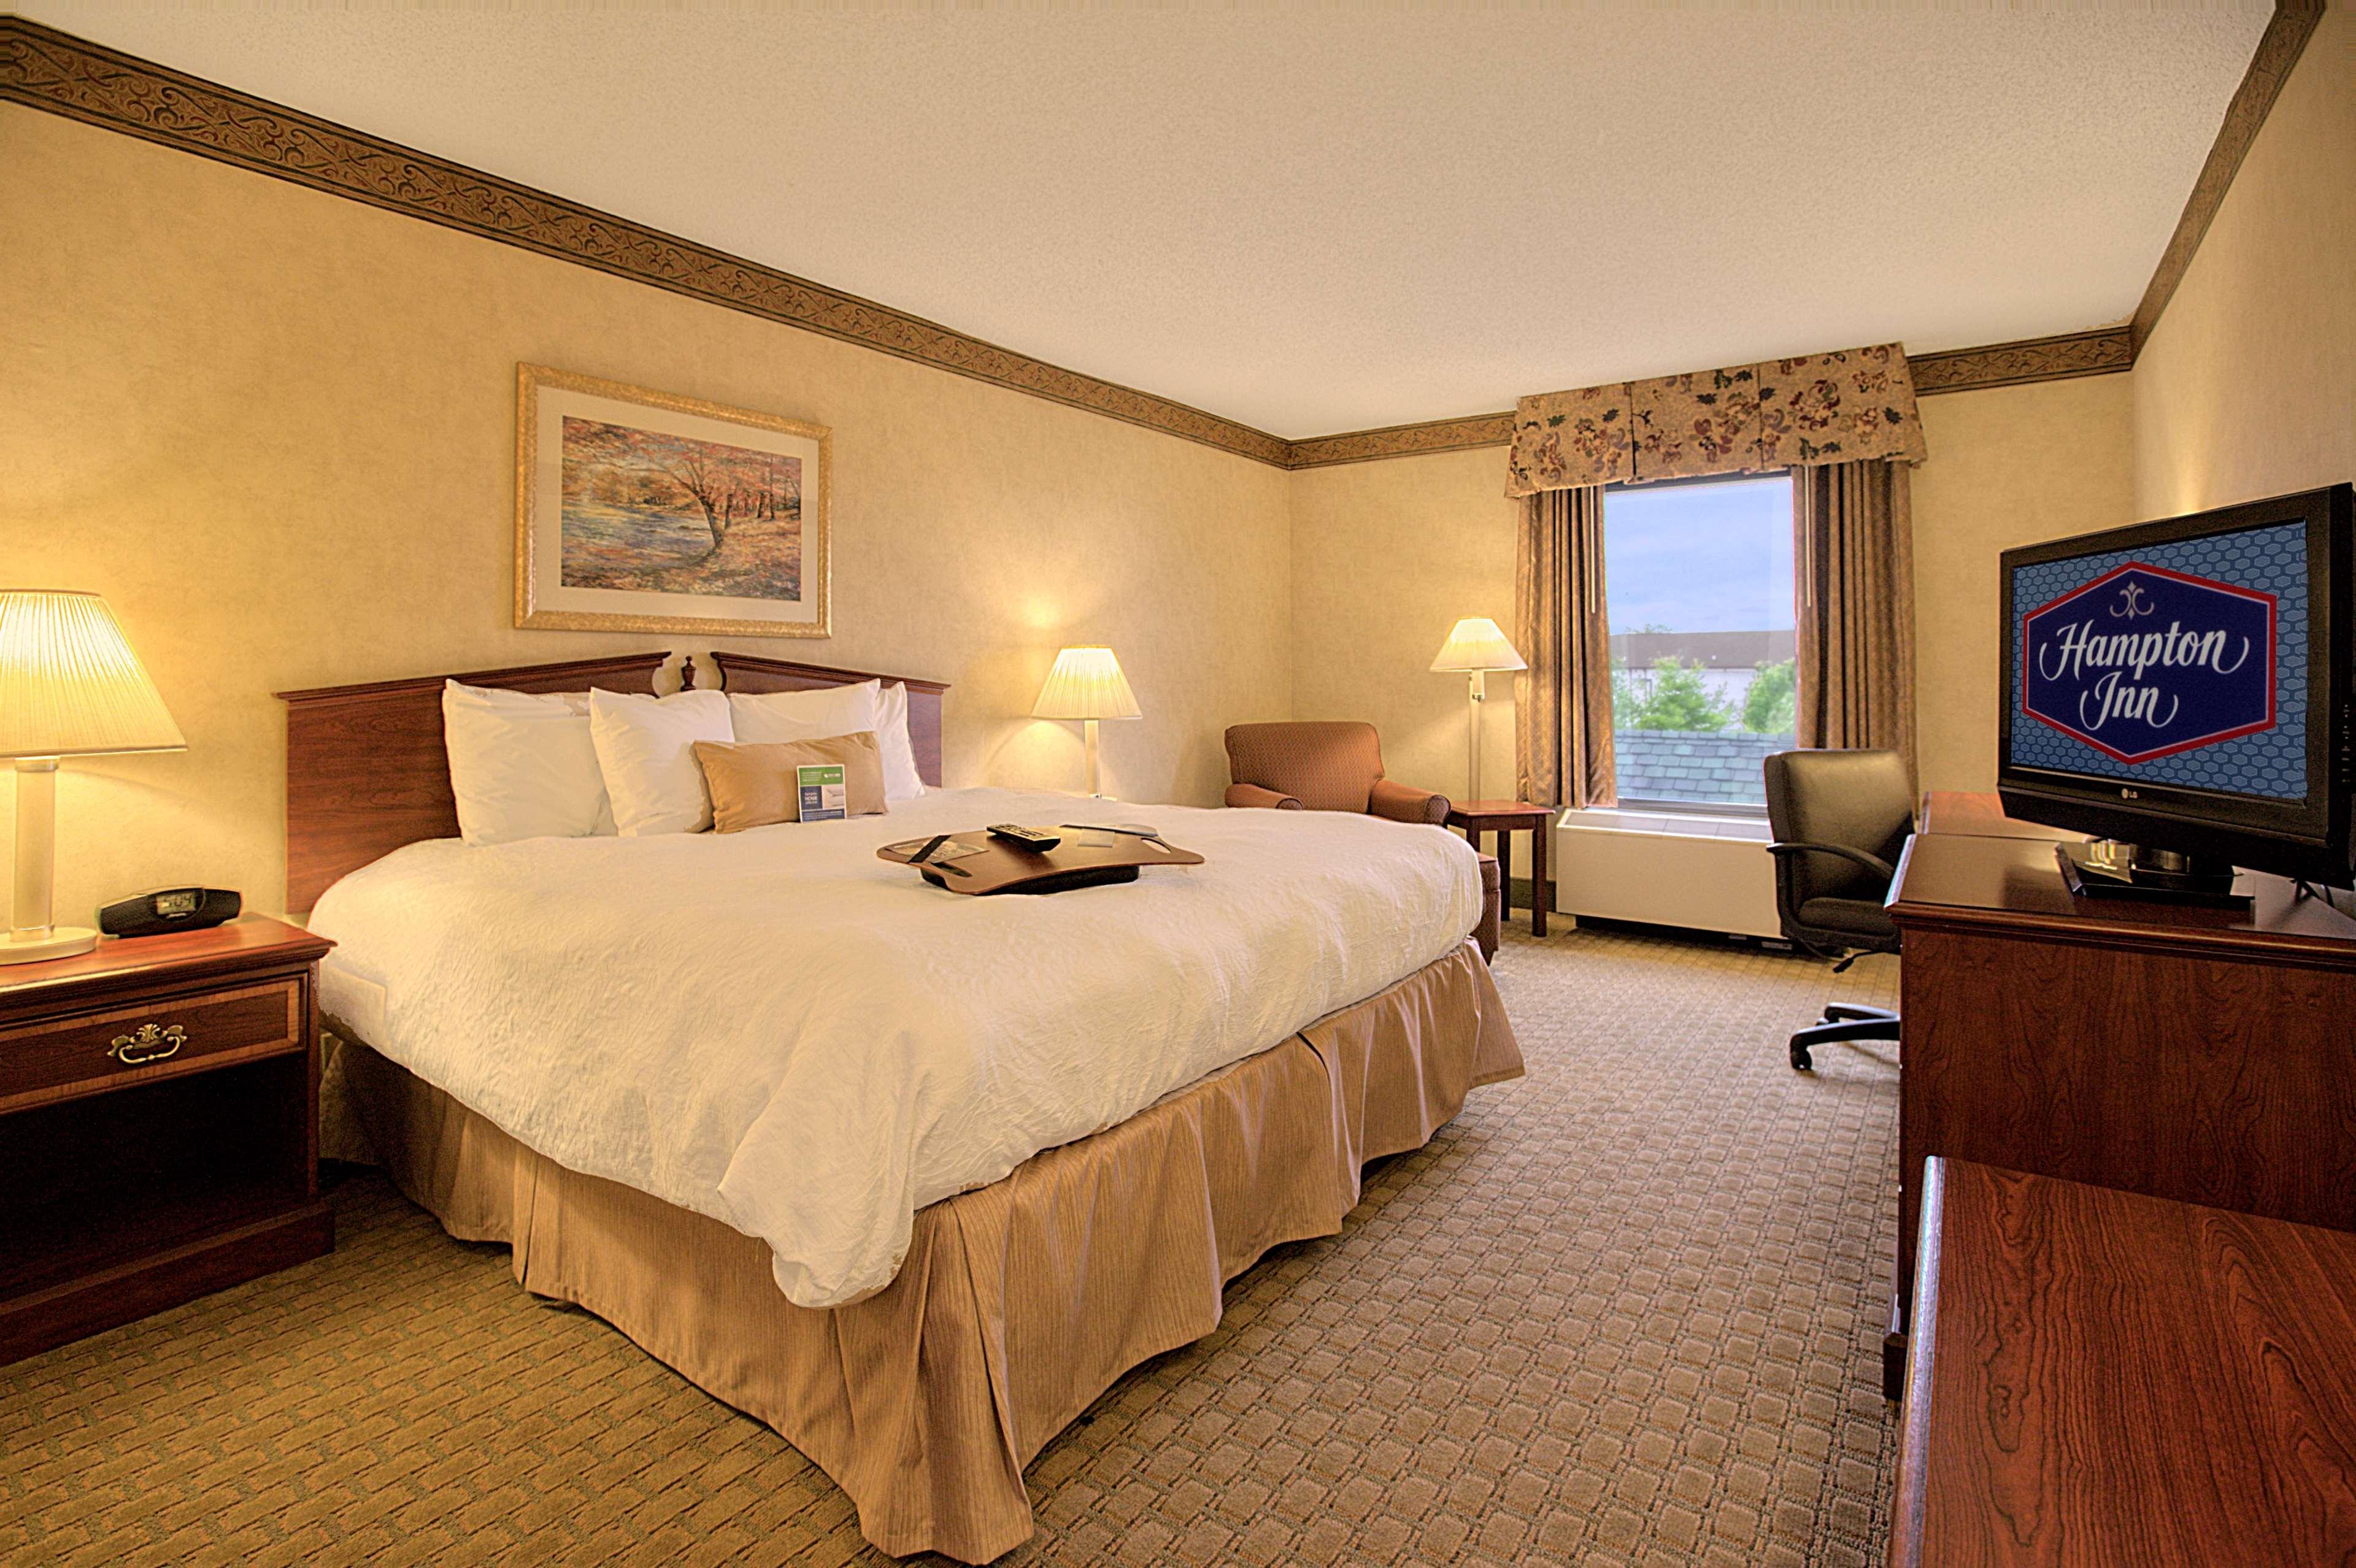 Hampton Inn & Suites Asheville-I-26 image 9